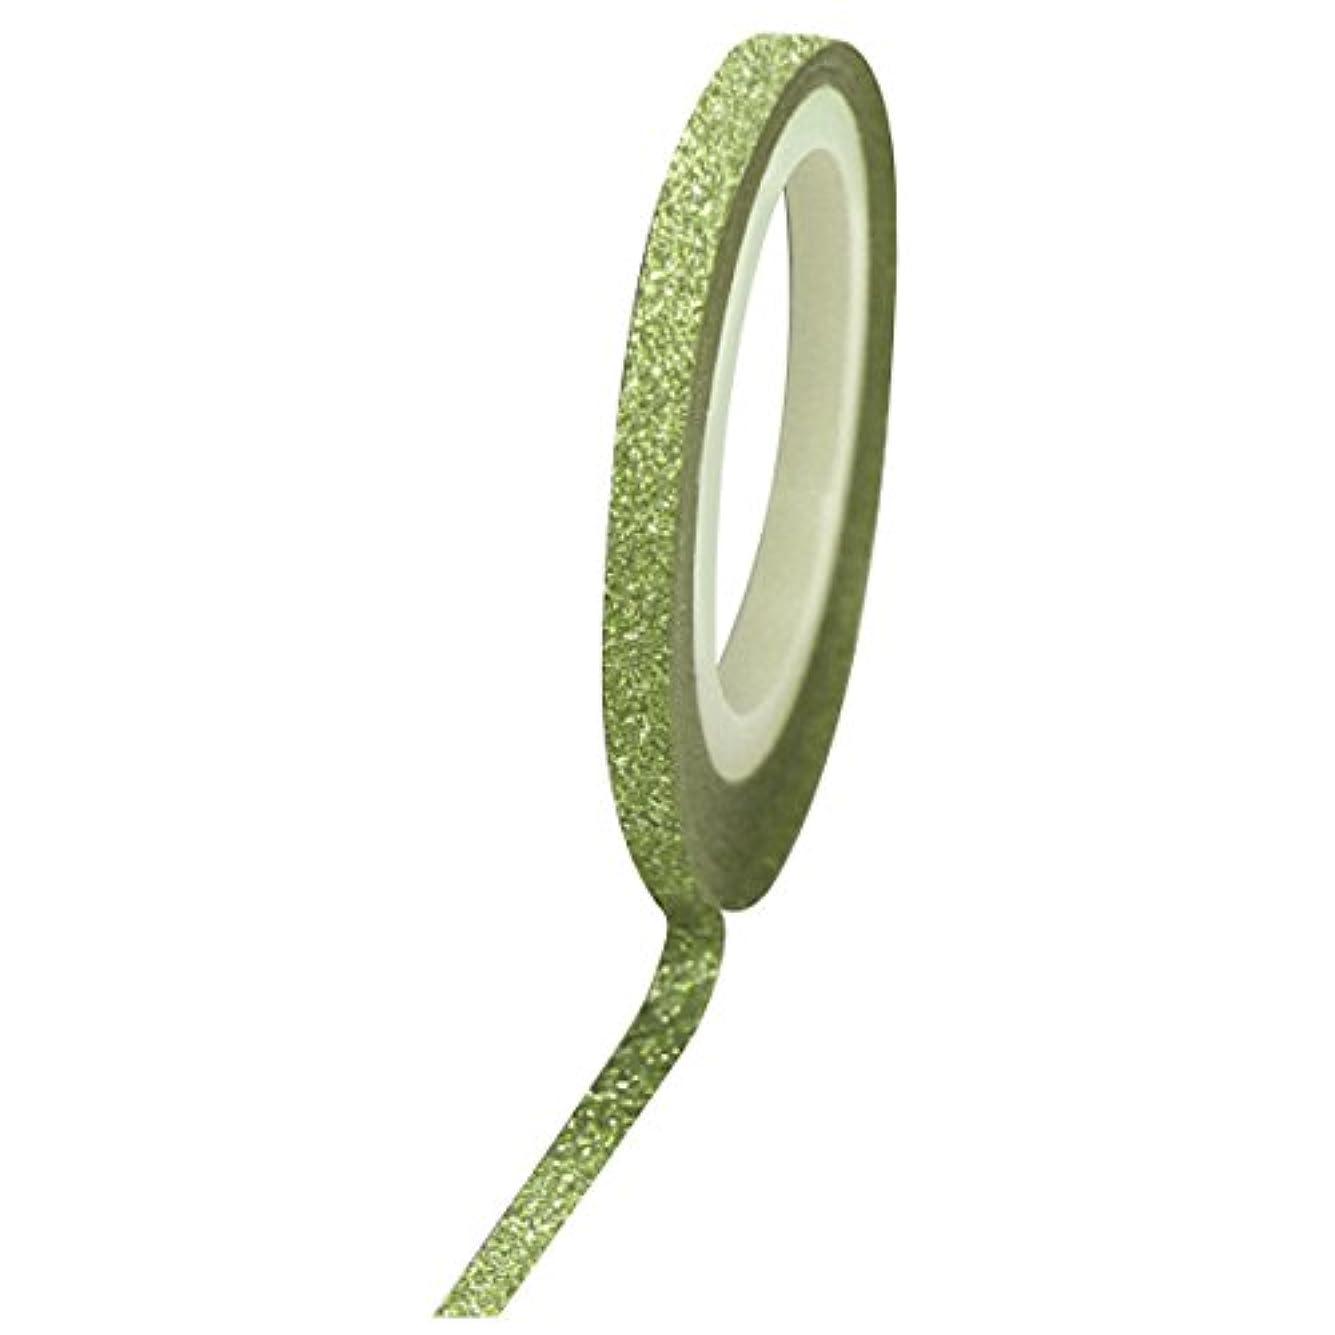 ズボン皮肉な尾Bonnail グリッターラインテープ 1mm グリーンラメ